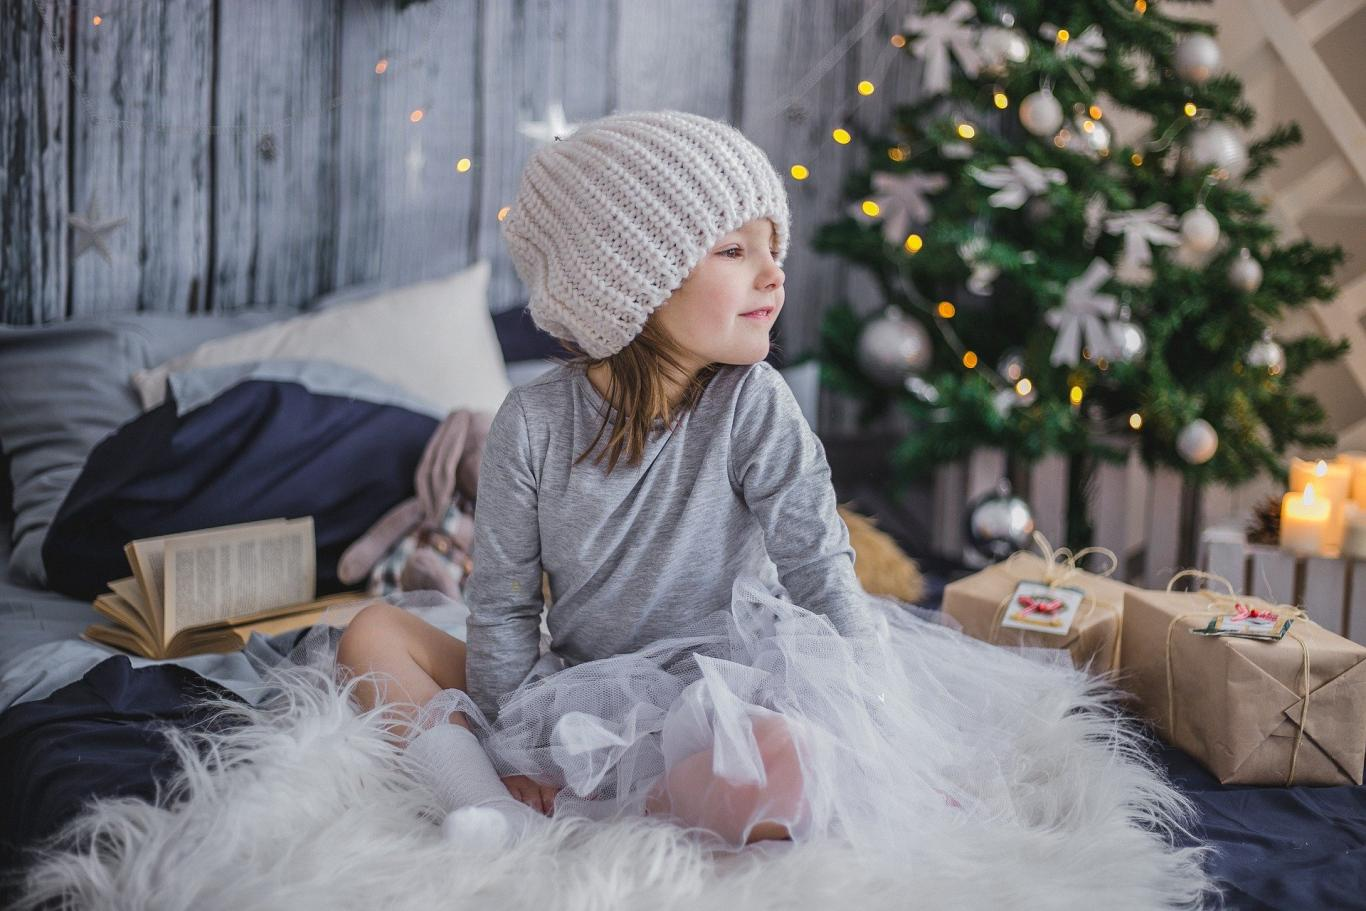 niña pequeña con árbol de Navidad y regalos